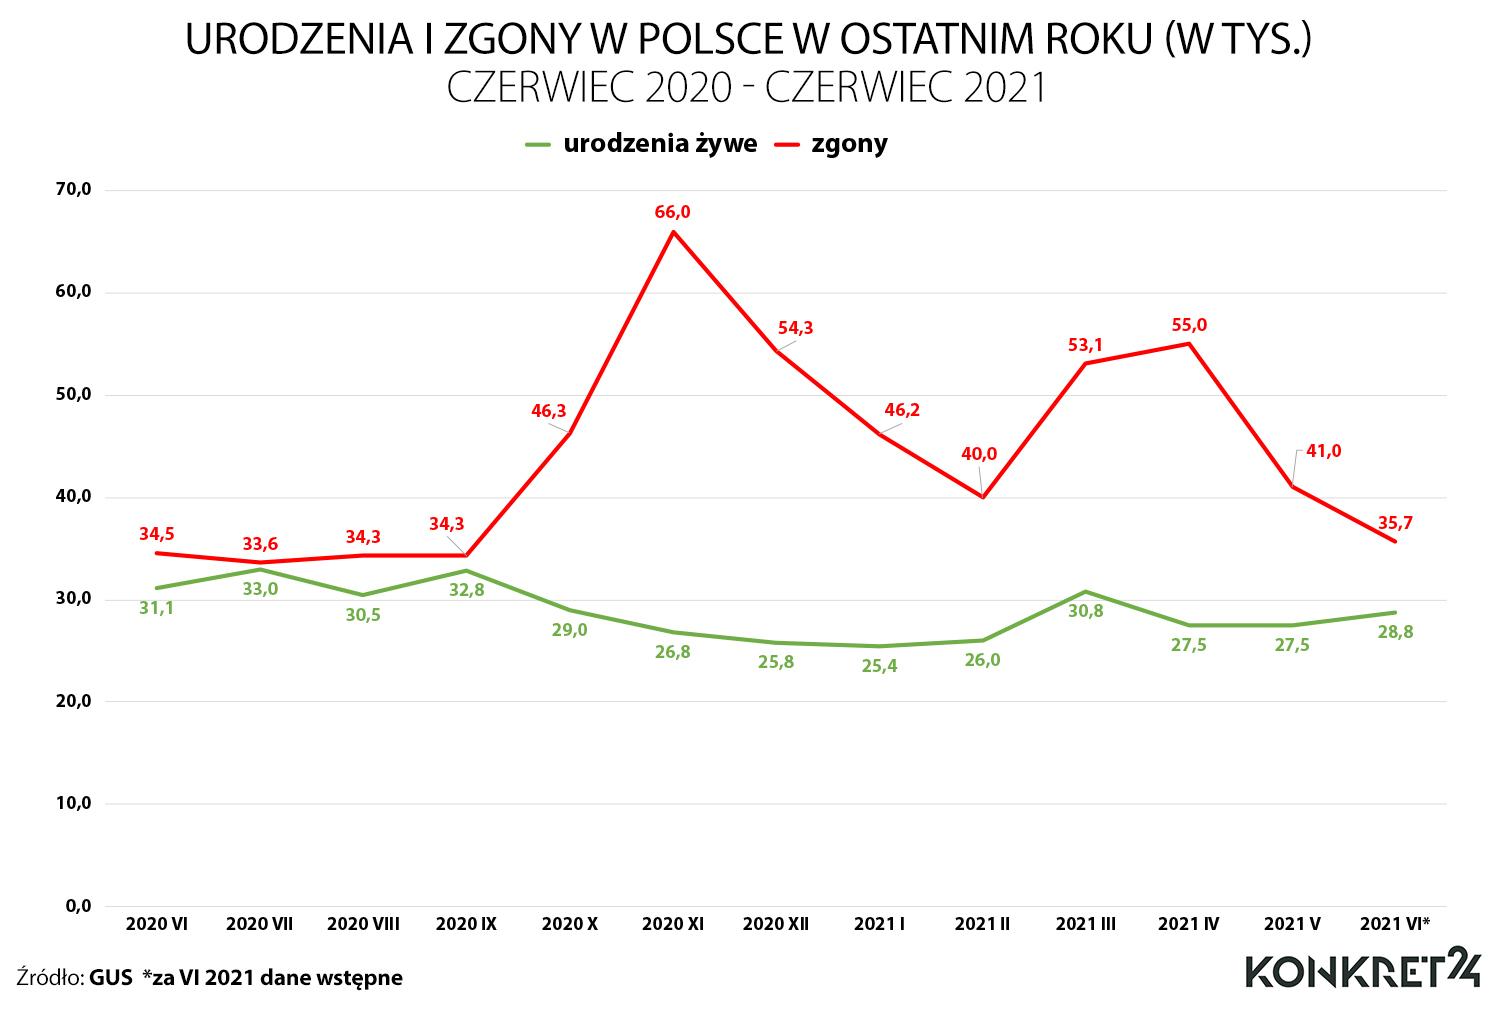 Urodzenia i zgony w Polsce w okresie czerwiec 2020 - czerwiec 2021